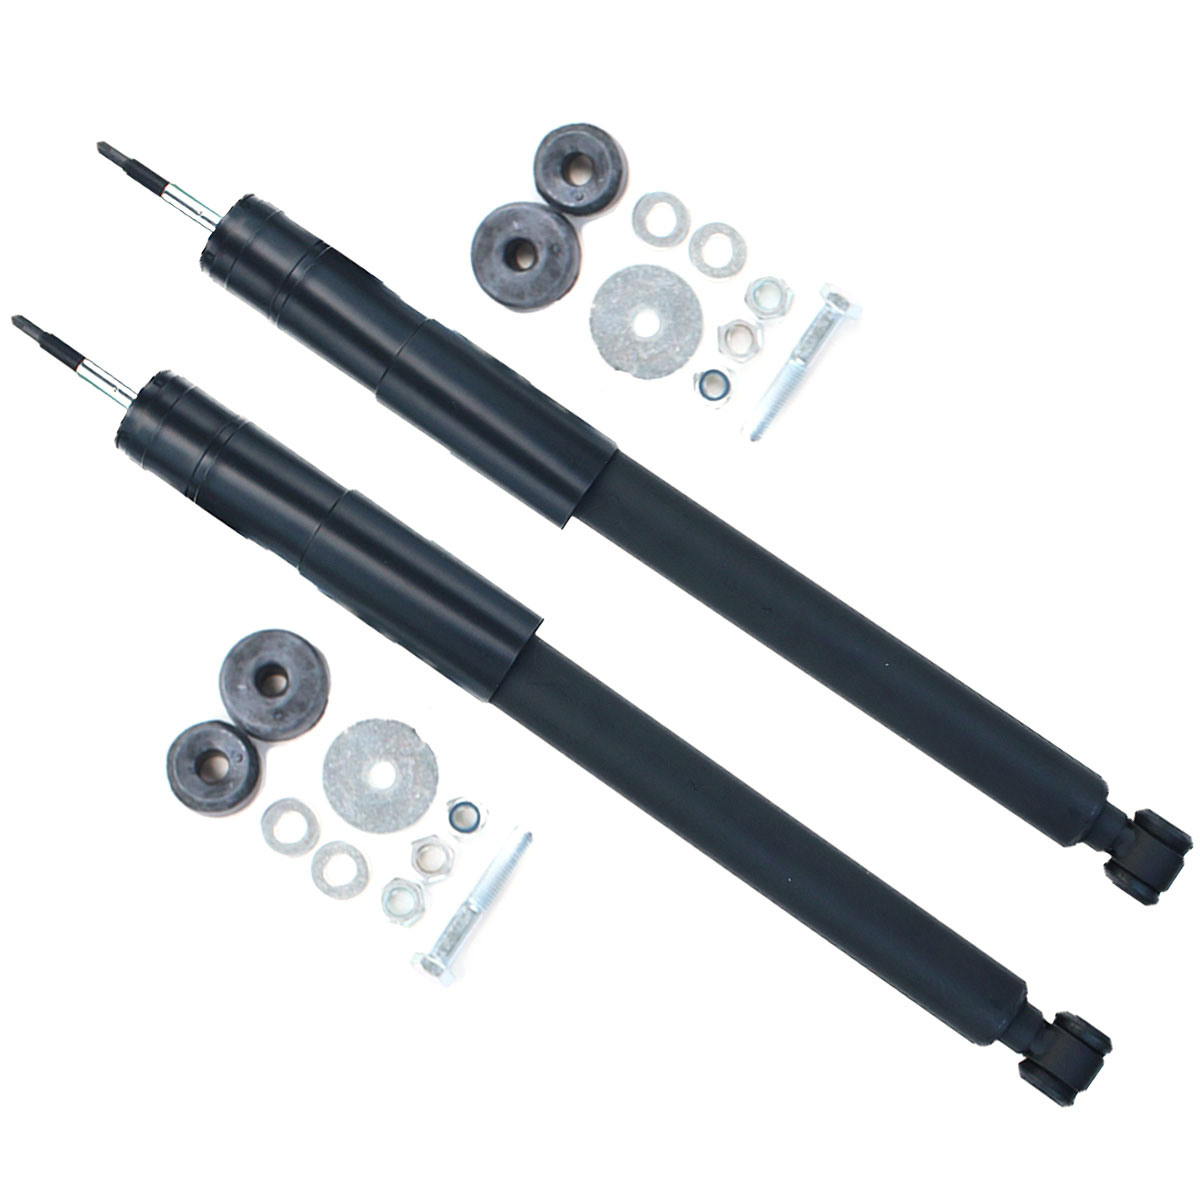 2 x Gasdruck Stossdämpfer Hinten Hinterachse für Mercedes C-Klasse W202, SD09535